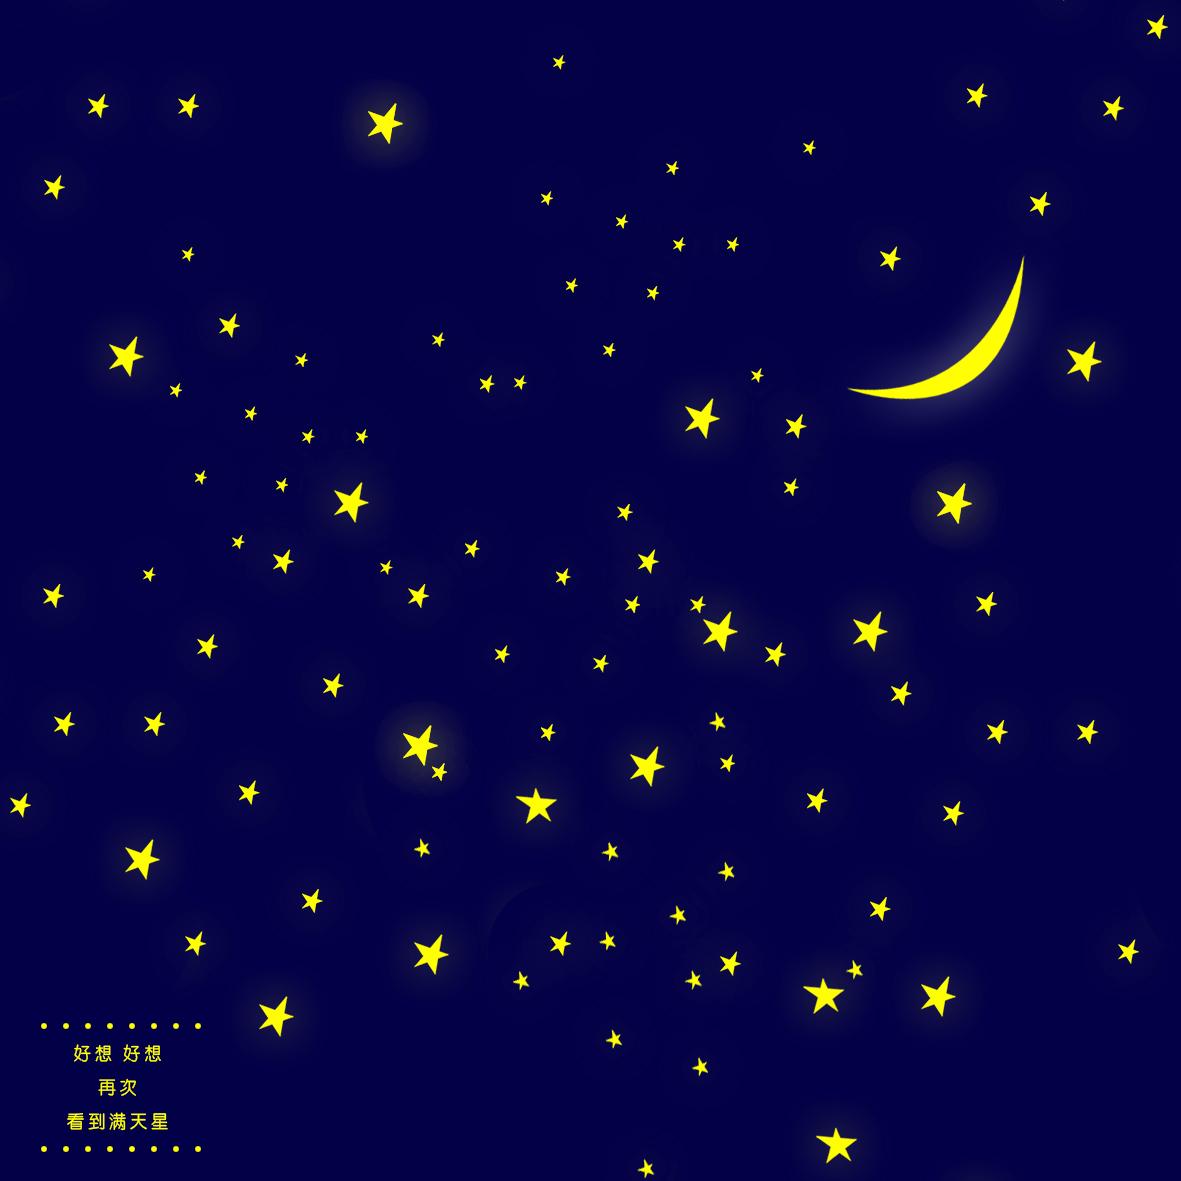 拥抱星星的月亮